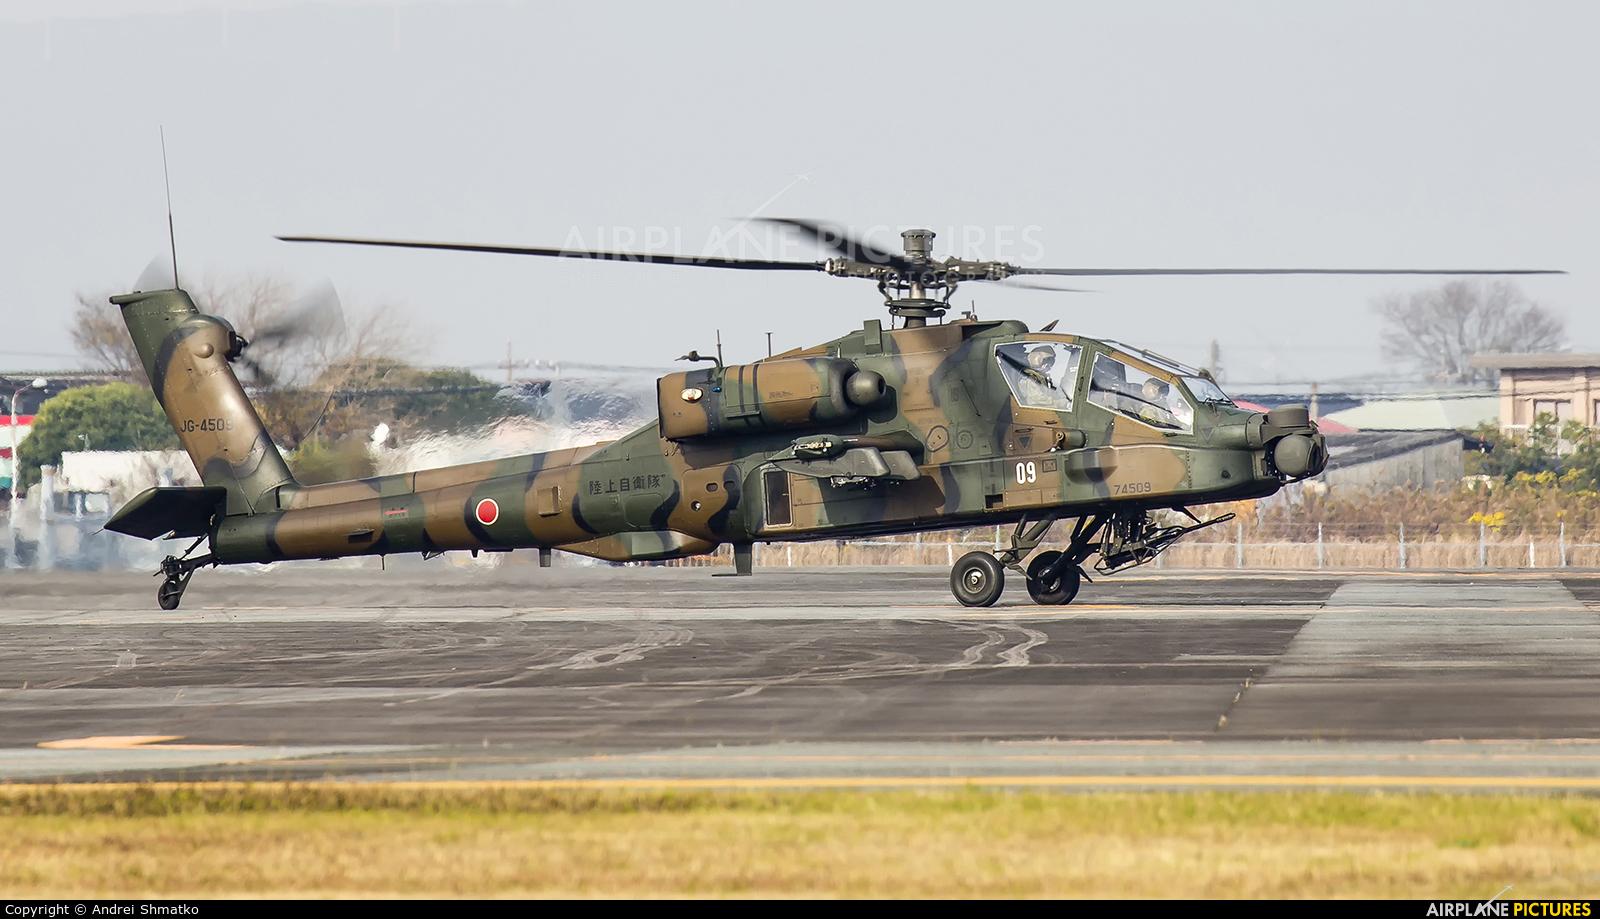 Japan - Ground Self Defense Force 74509 aircraft at Akeno Air Field